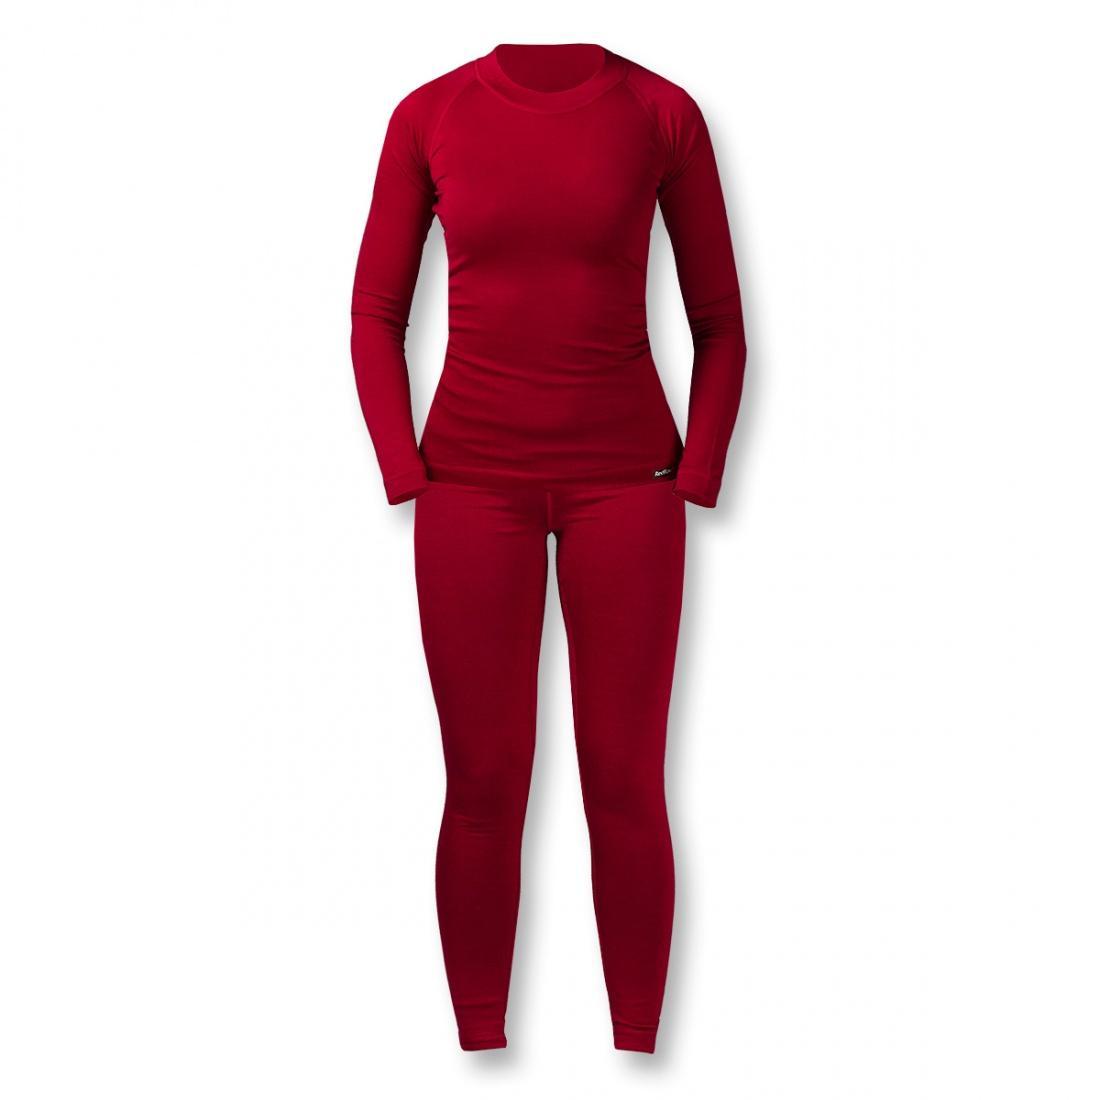 Термобелье костюм Wool Dry Light ЖенскийКомплекты<br><br> Тончайшее термобелье для женщин из мериносовой шерсти: оно достаточно теплое и пуловер можно носить как самостоятельный элемент одежды.В качестве базового слоя костюм прекрасно подходит для занятий спортом в холодную погоду зимой.<br><br><br> Ос...<br><br>Цвет: Темно-красный<br>Размер: 48